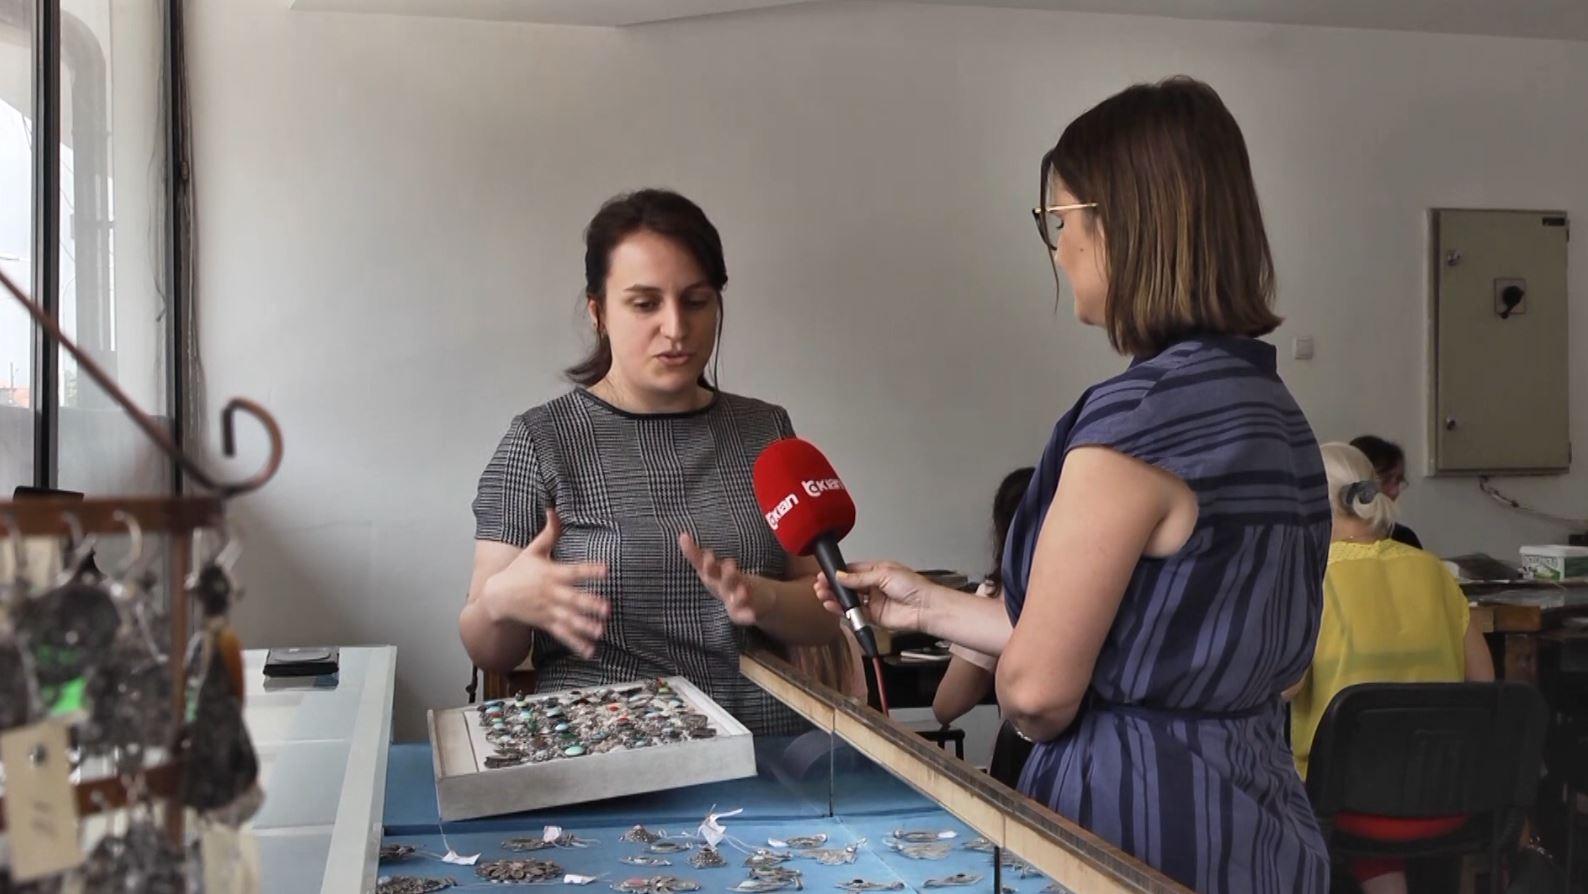 Prizreni, qyteti i Kosovës ku arti i filigranit mbijeton ende